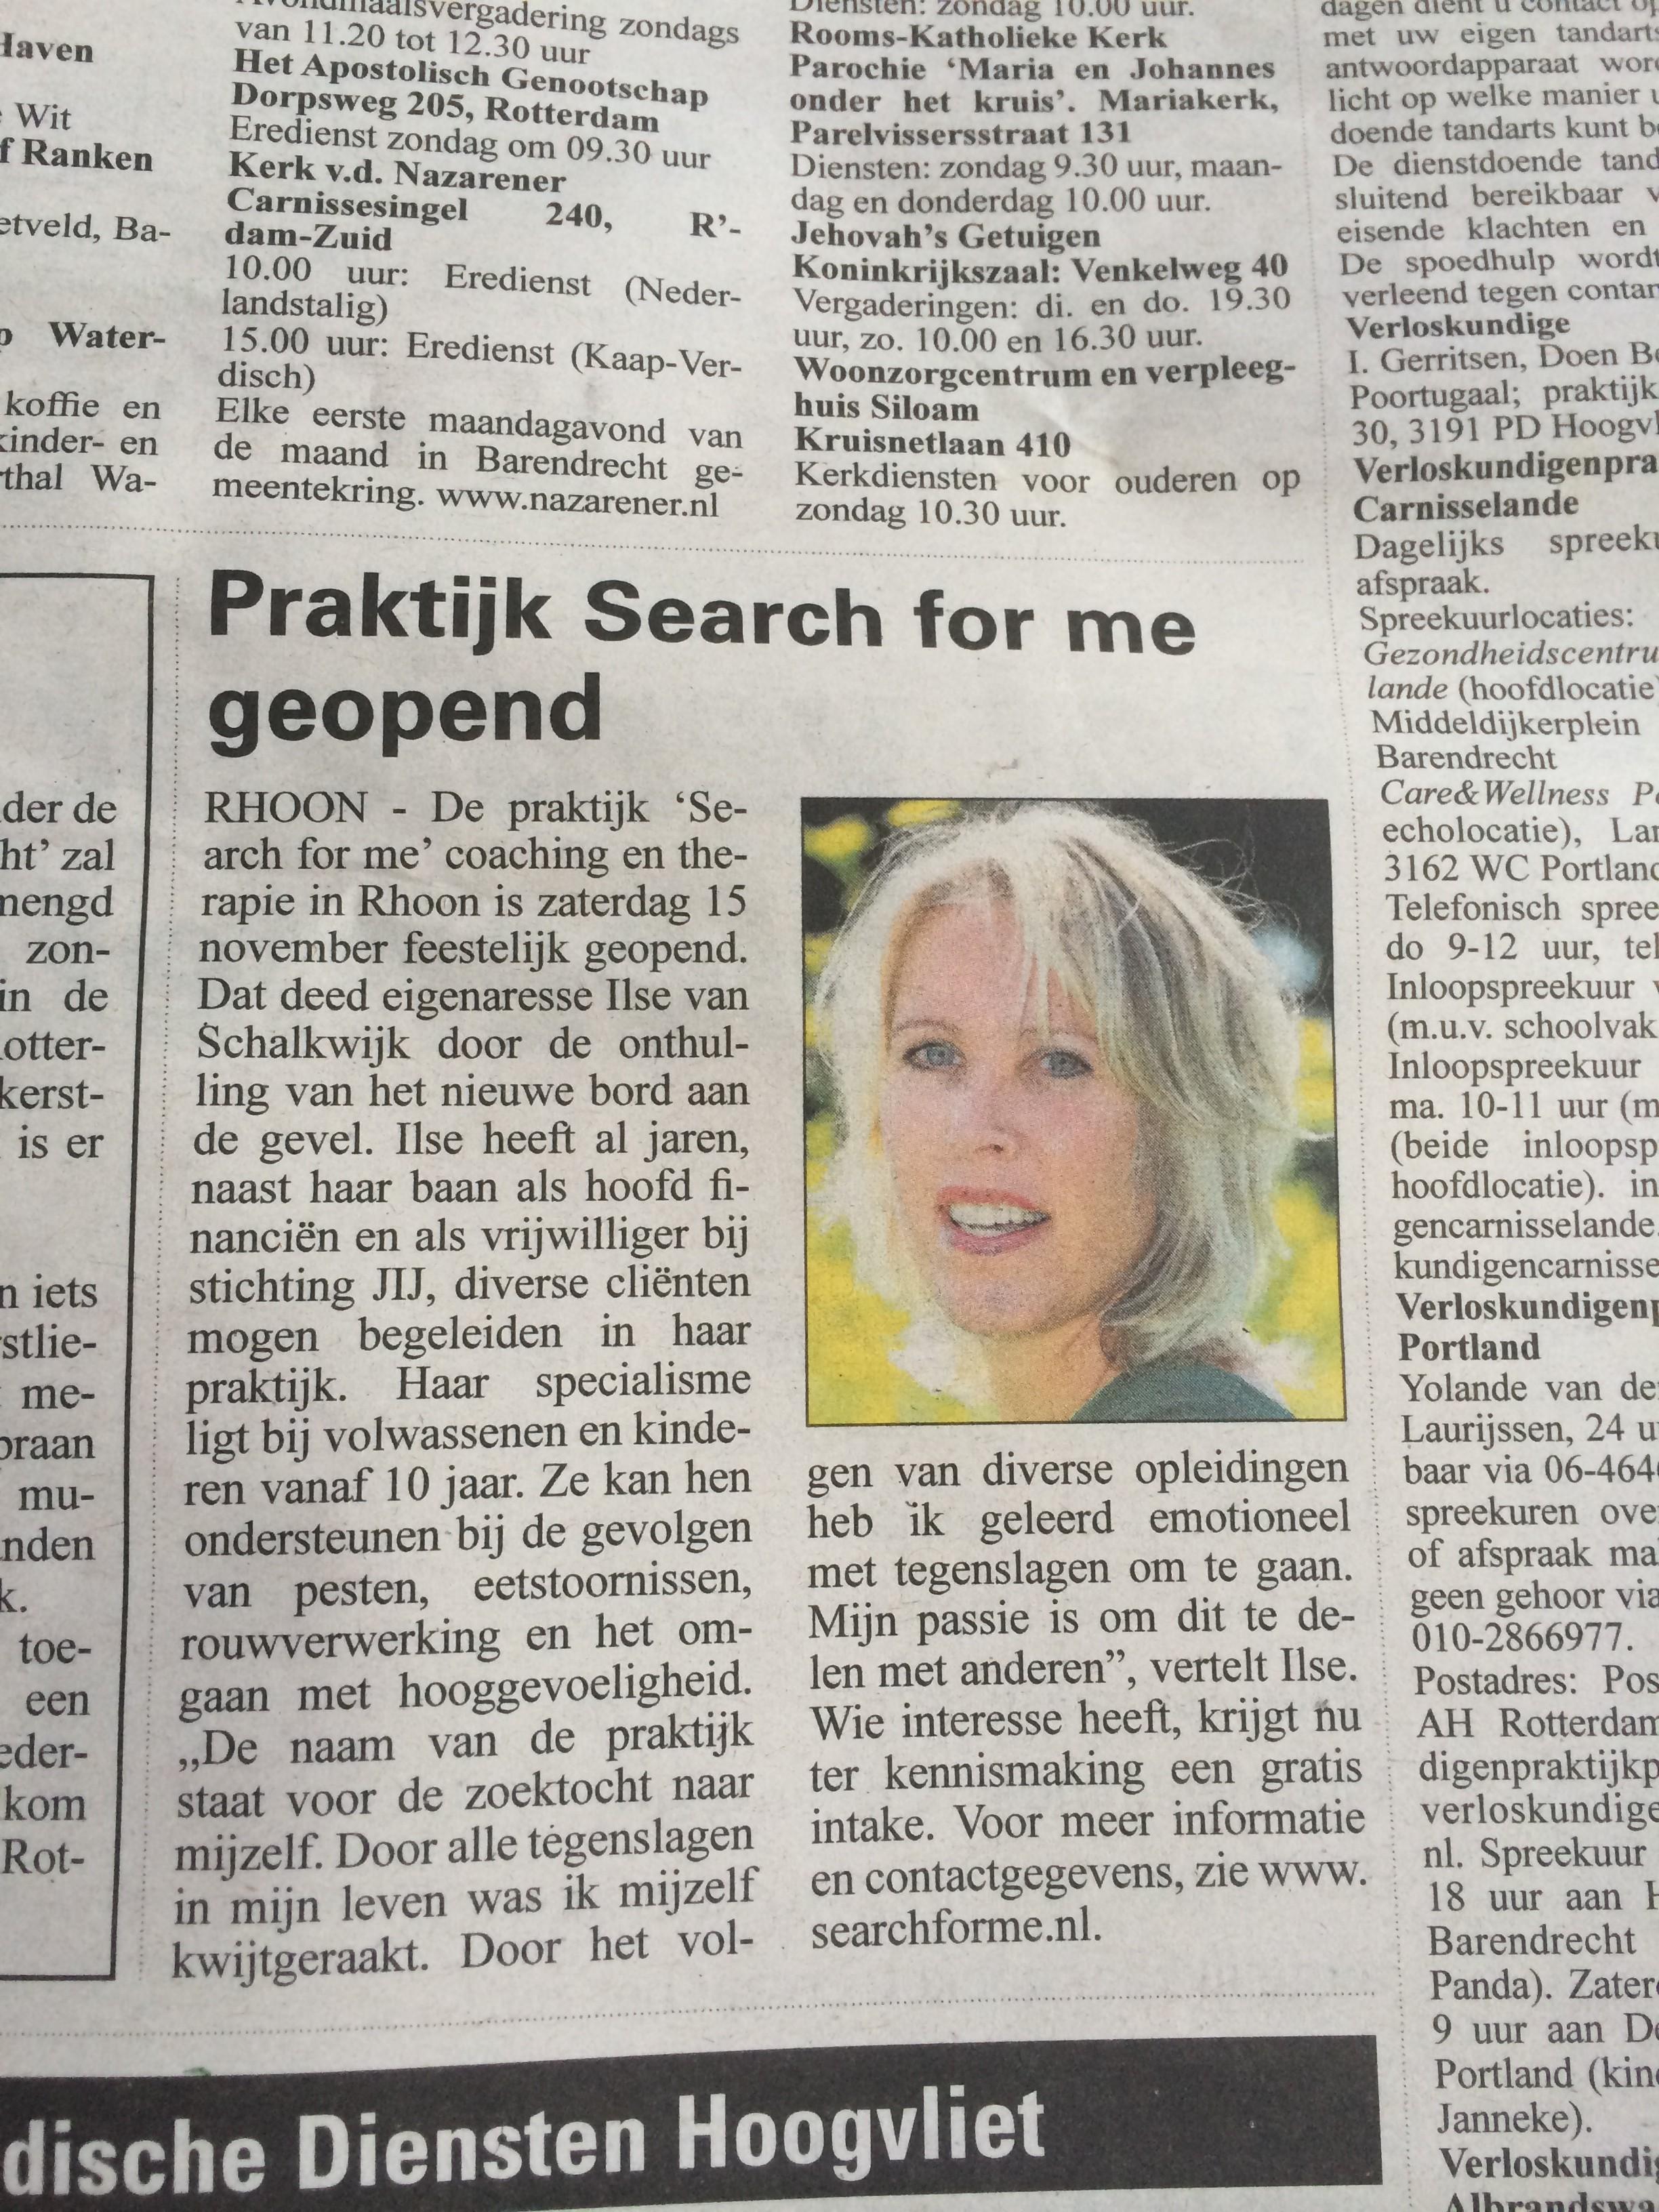 De Schakel Albrandswaard, november 2014: Feestelijke opening praktijk Search for me